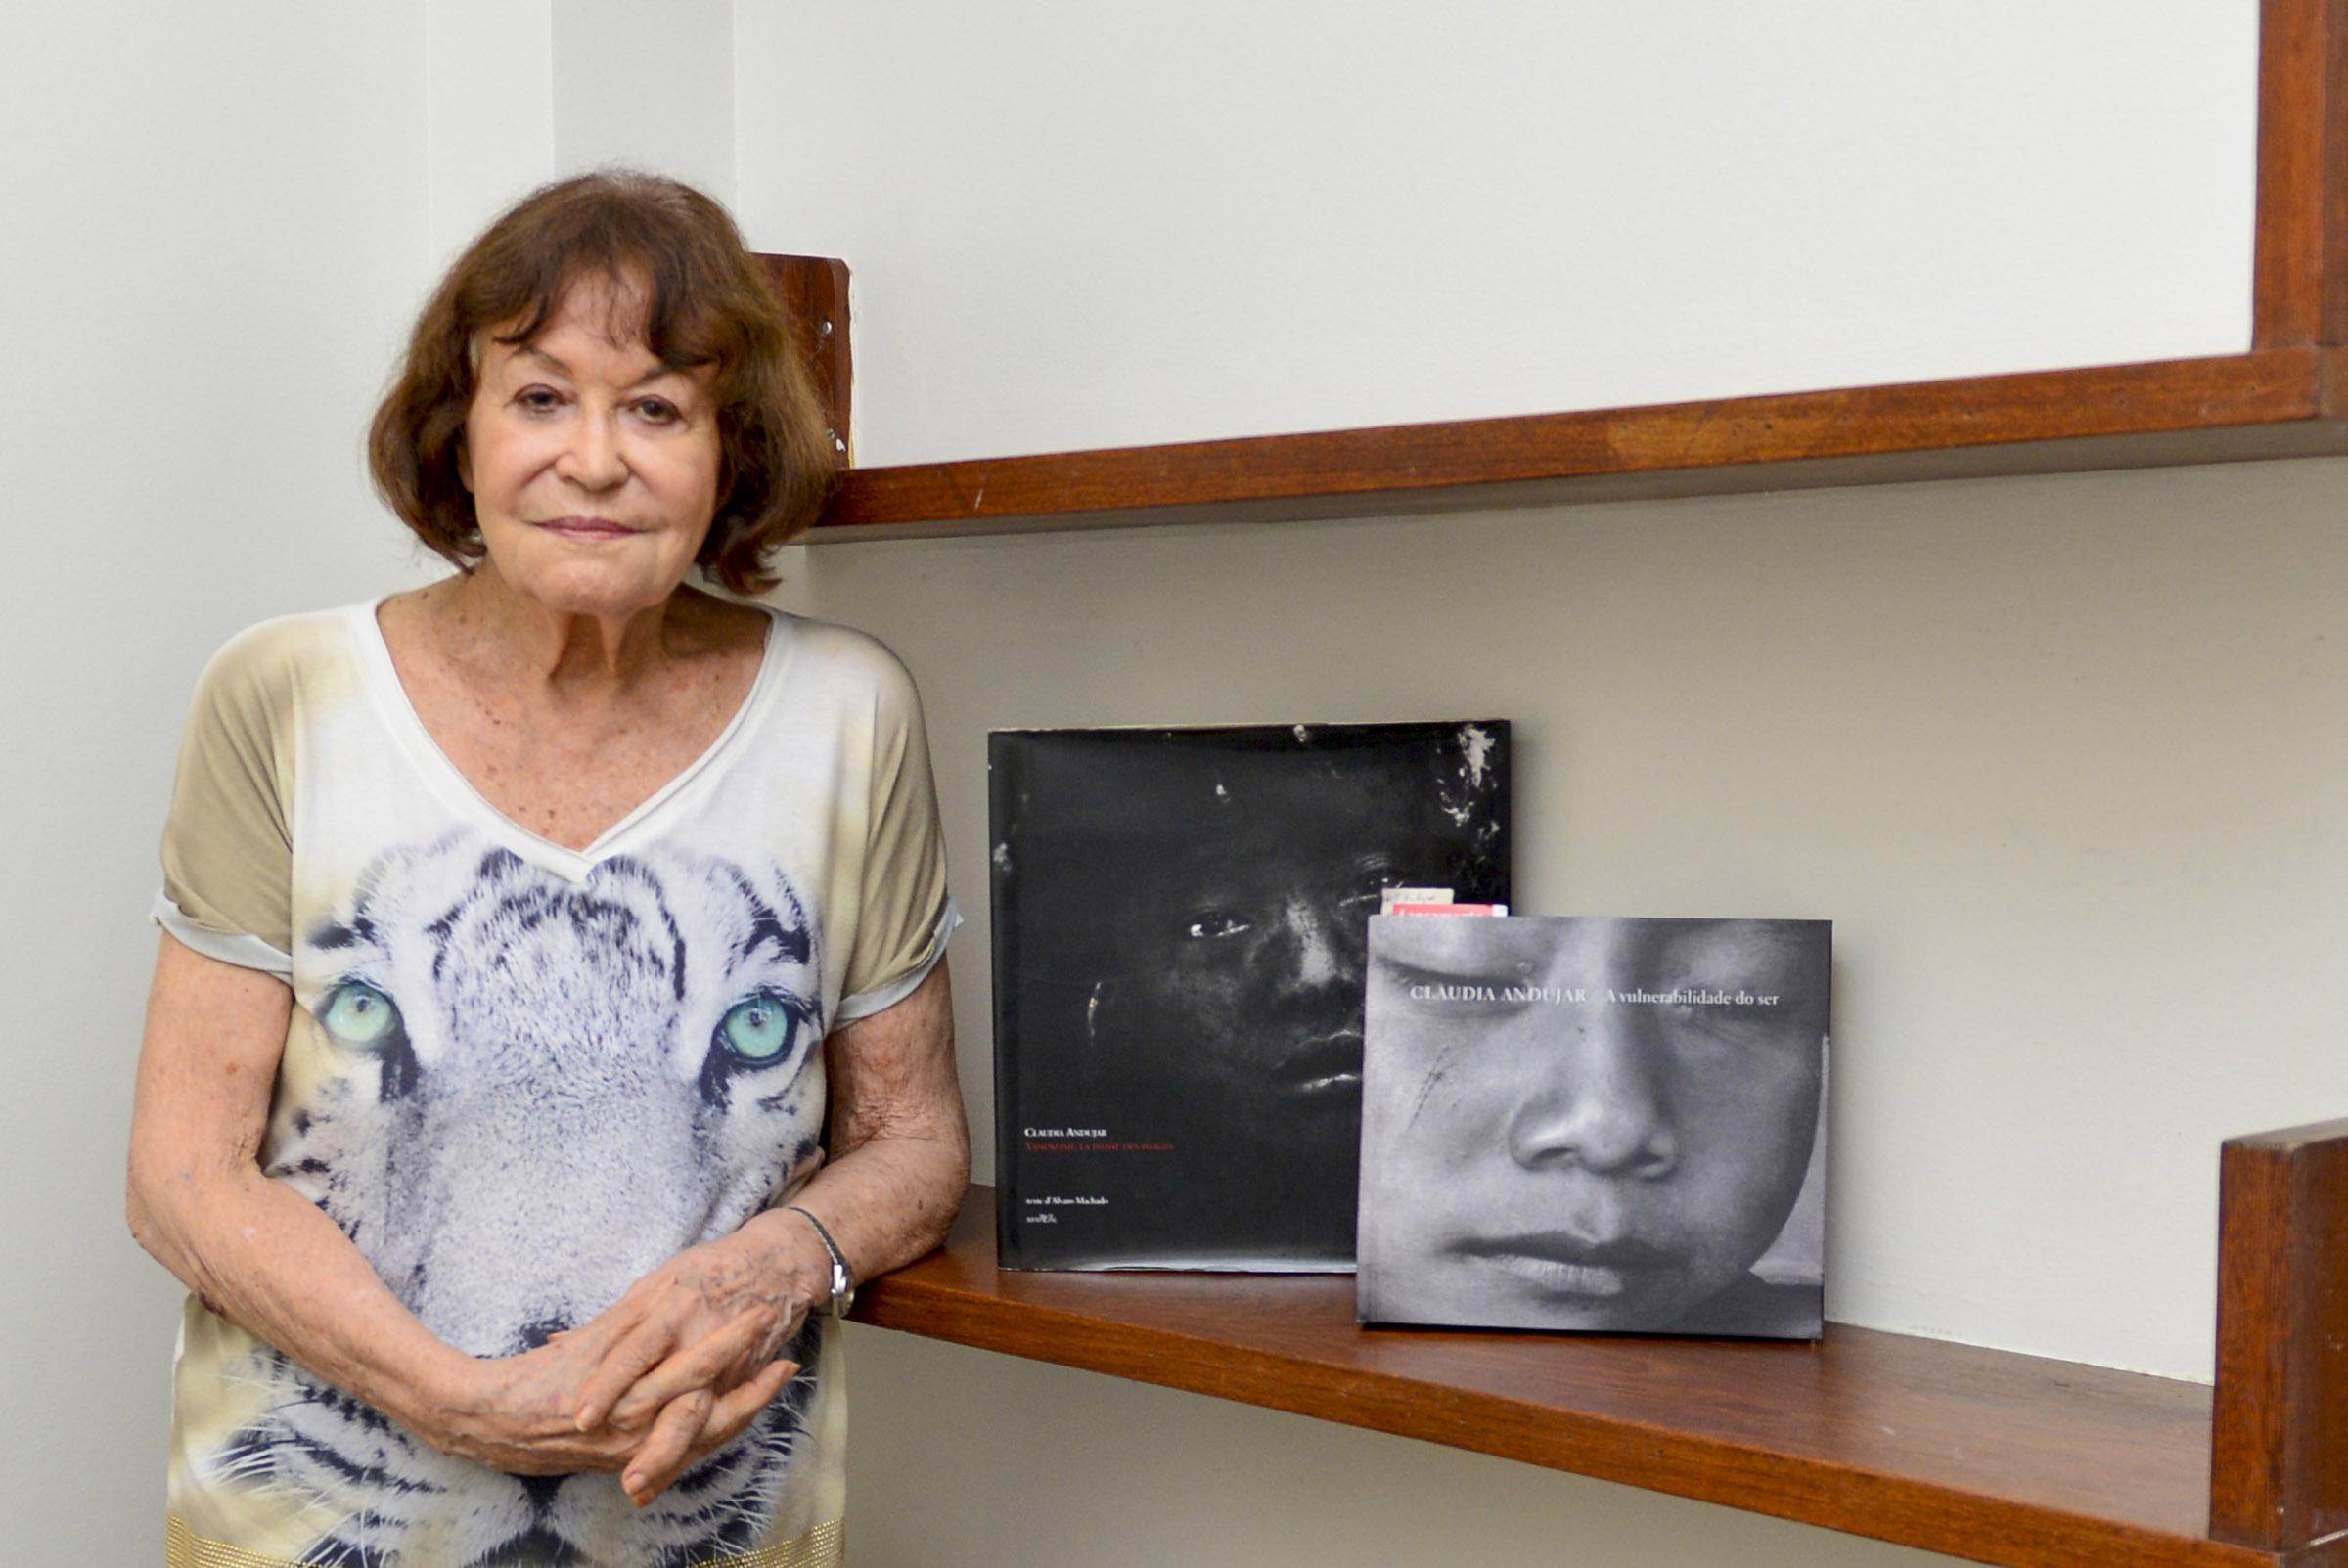 Testemunha de massacre contra os Yanomami, Claudia Andujar é homenageada em Roraima